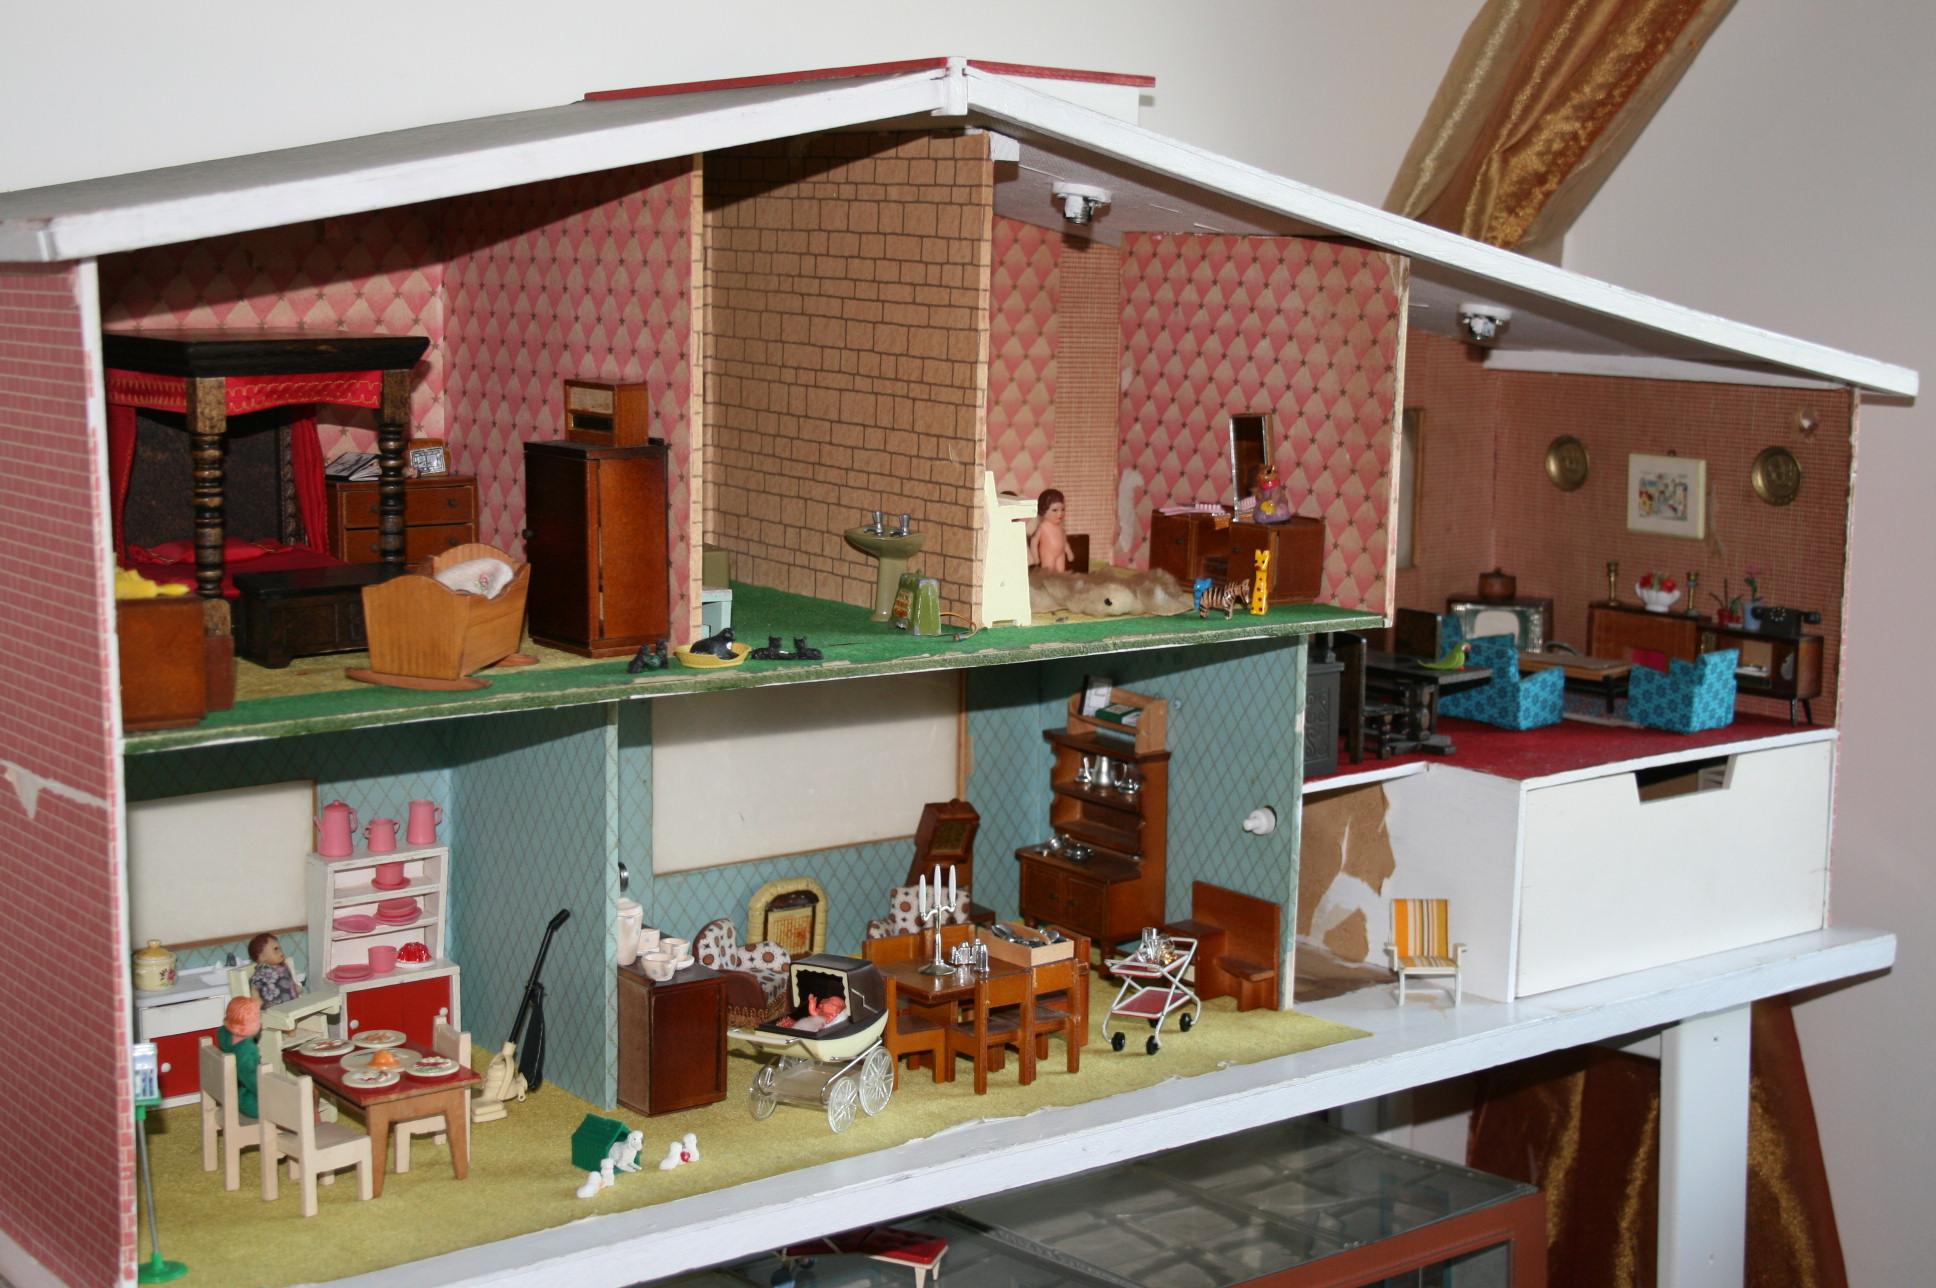 Barton model home